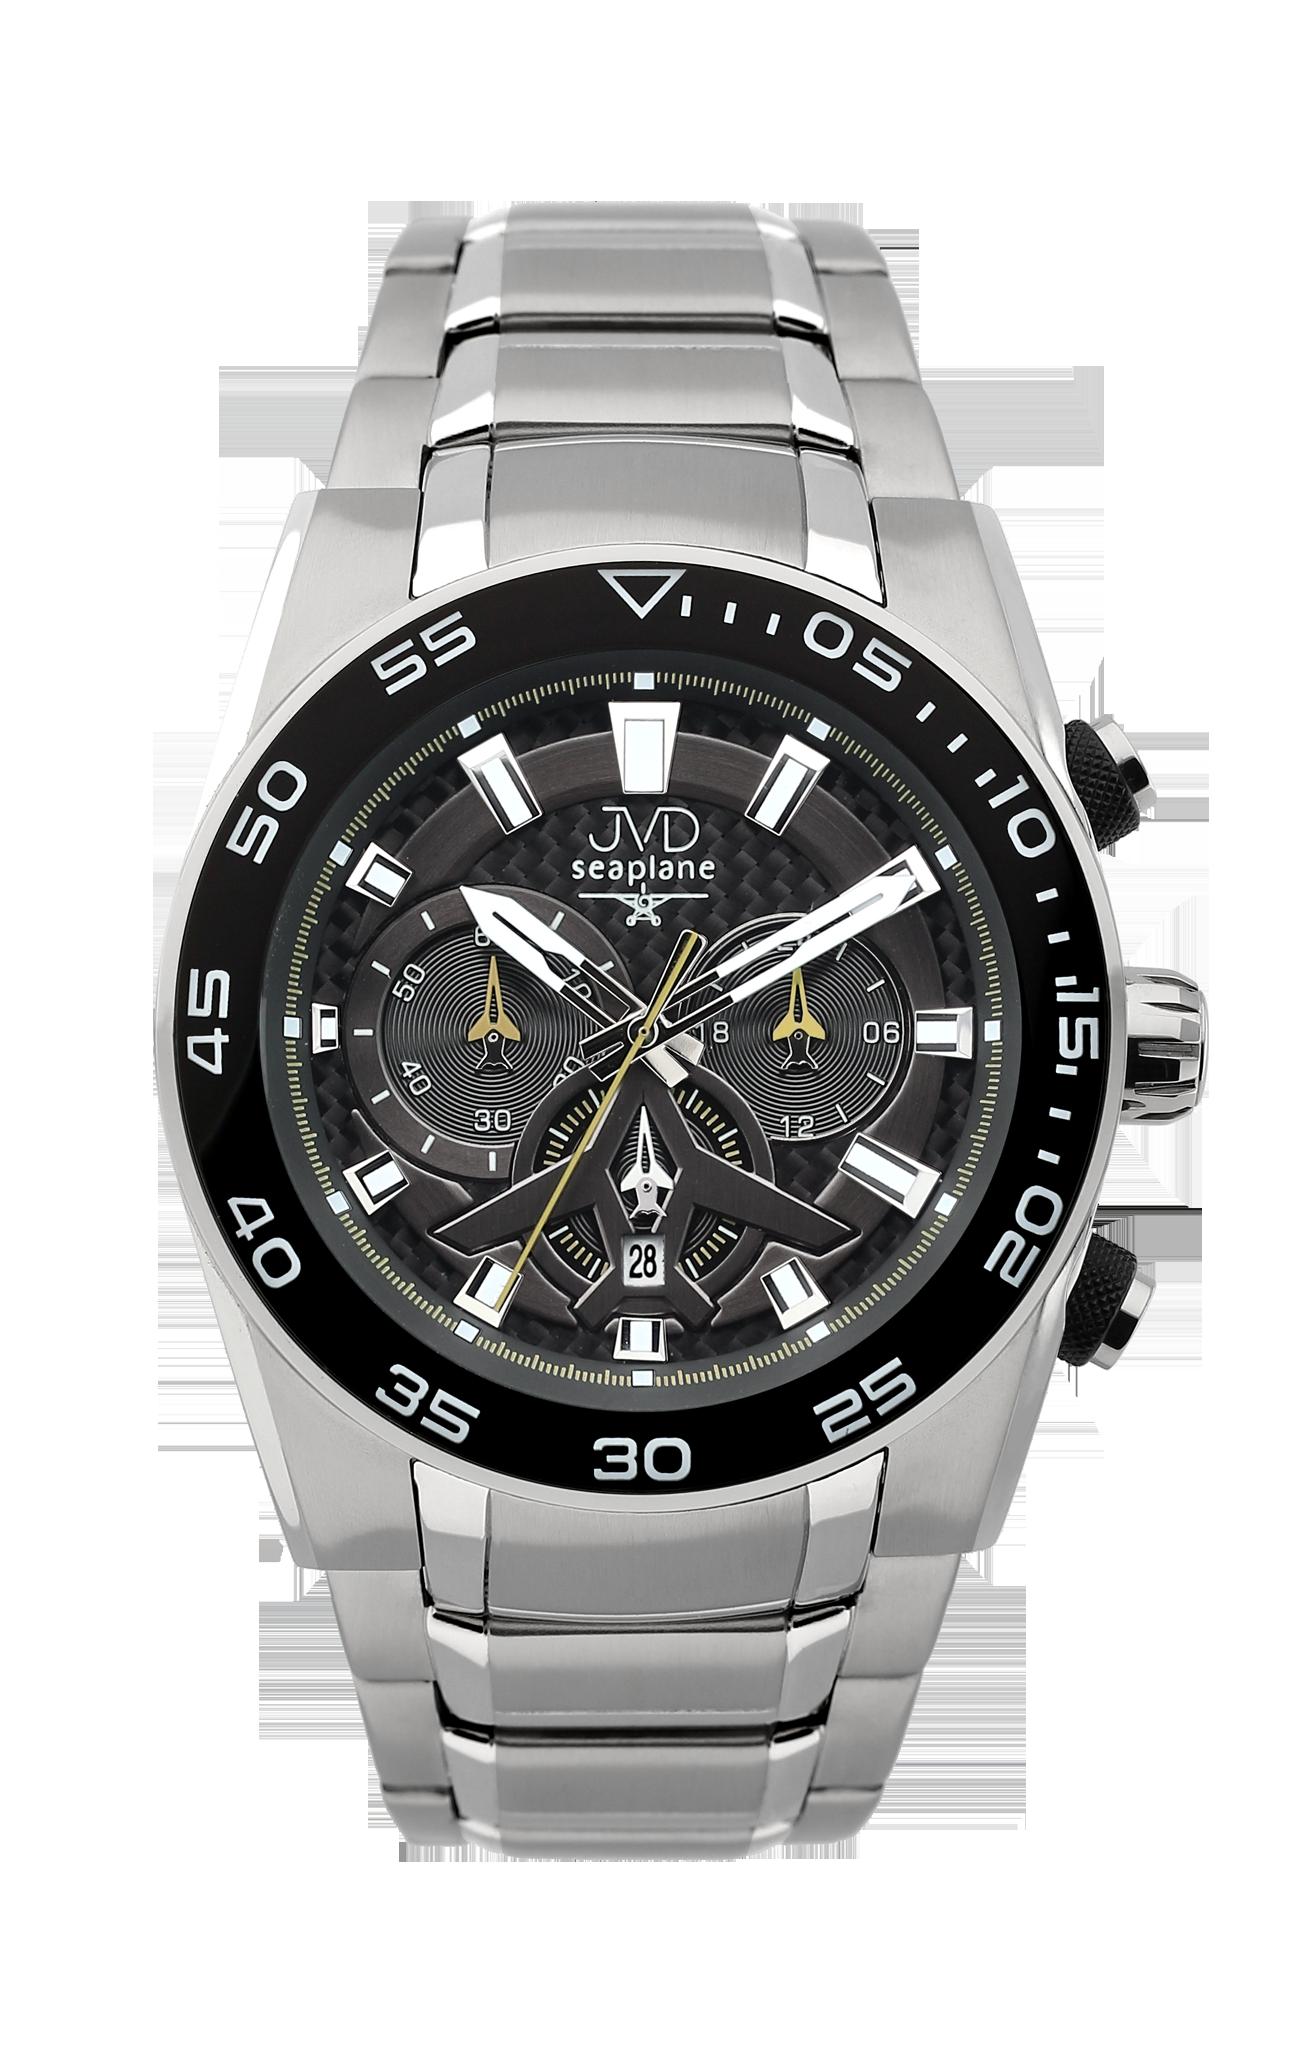 Luxusní vodotěsné sportovní hodinky JVD seaplane W49.1 chornograf se stopkami